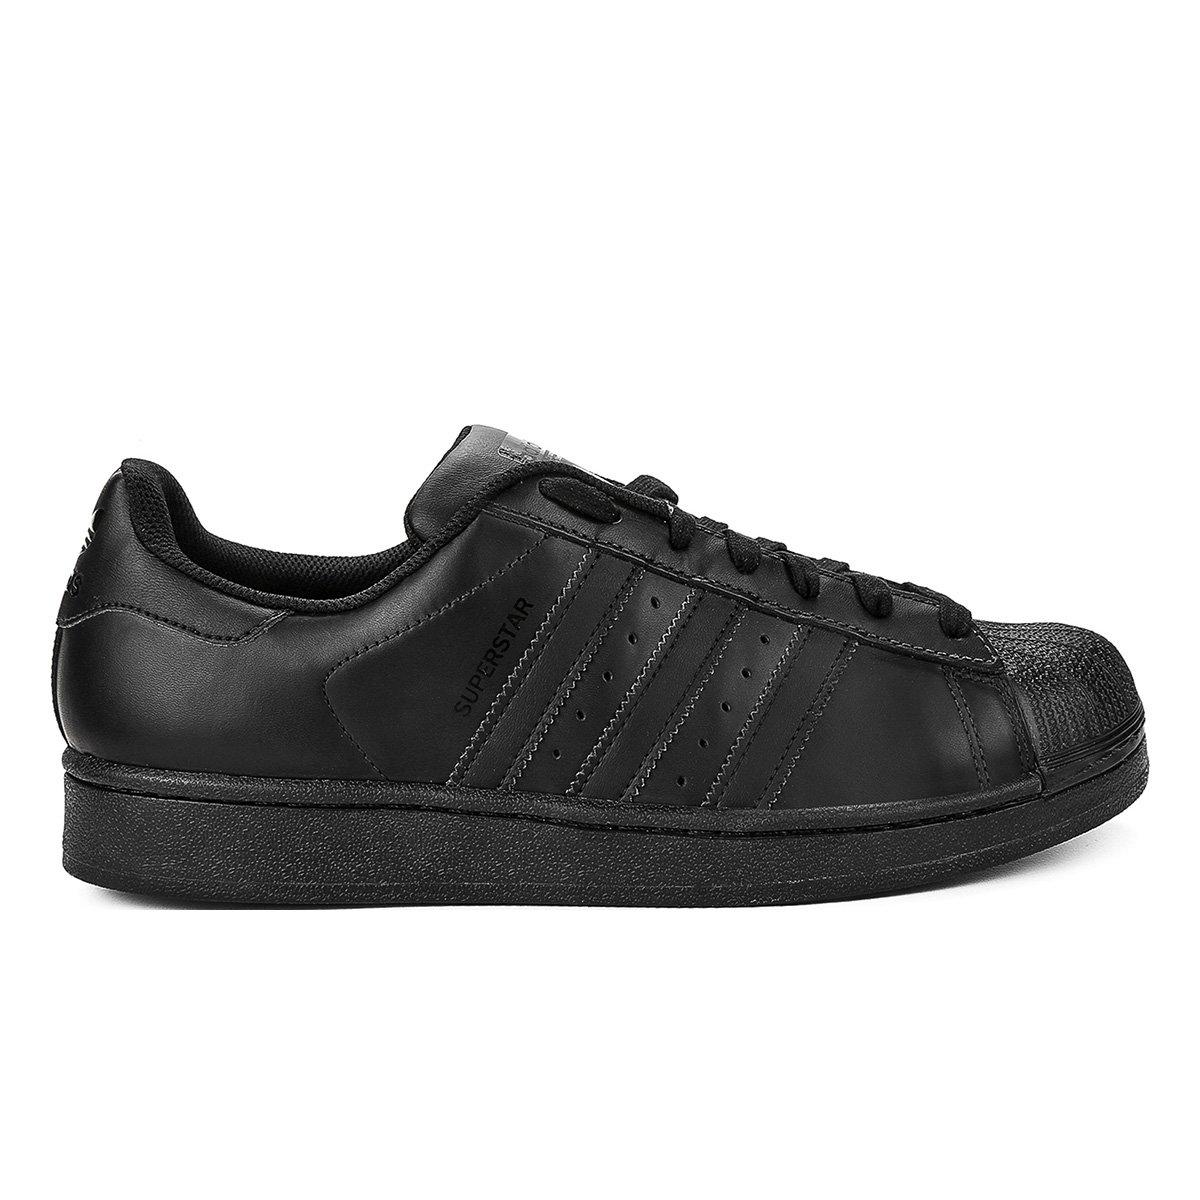 2f04295e7e90a Tênis Adidas Superstar Foundation - Compre Agora